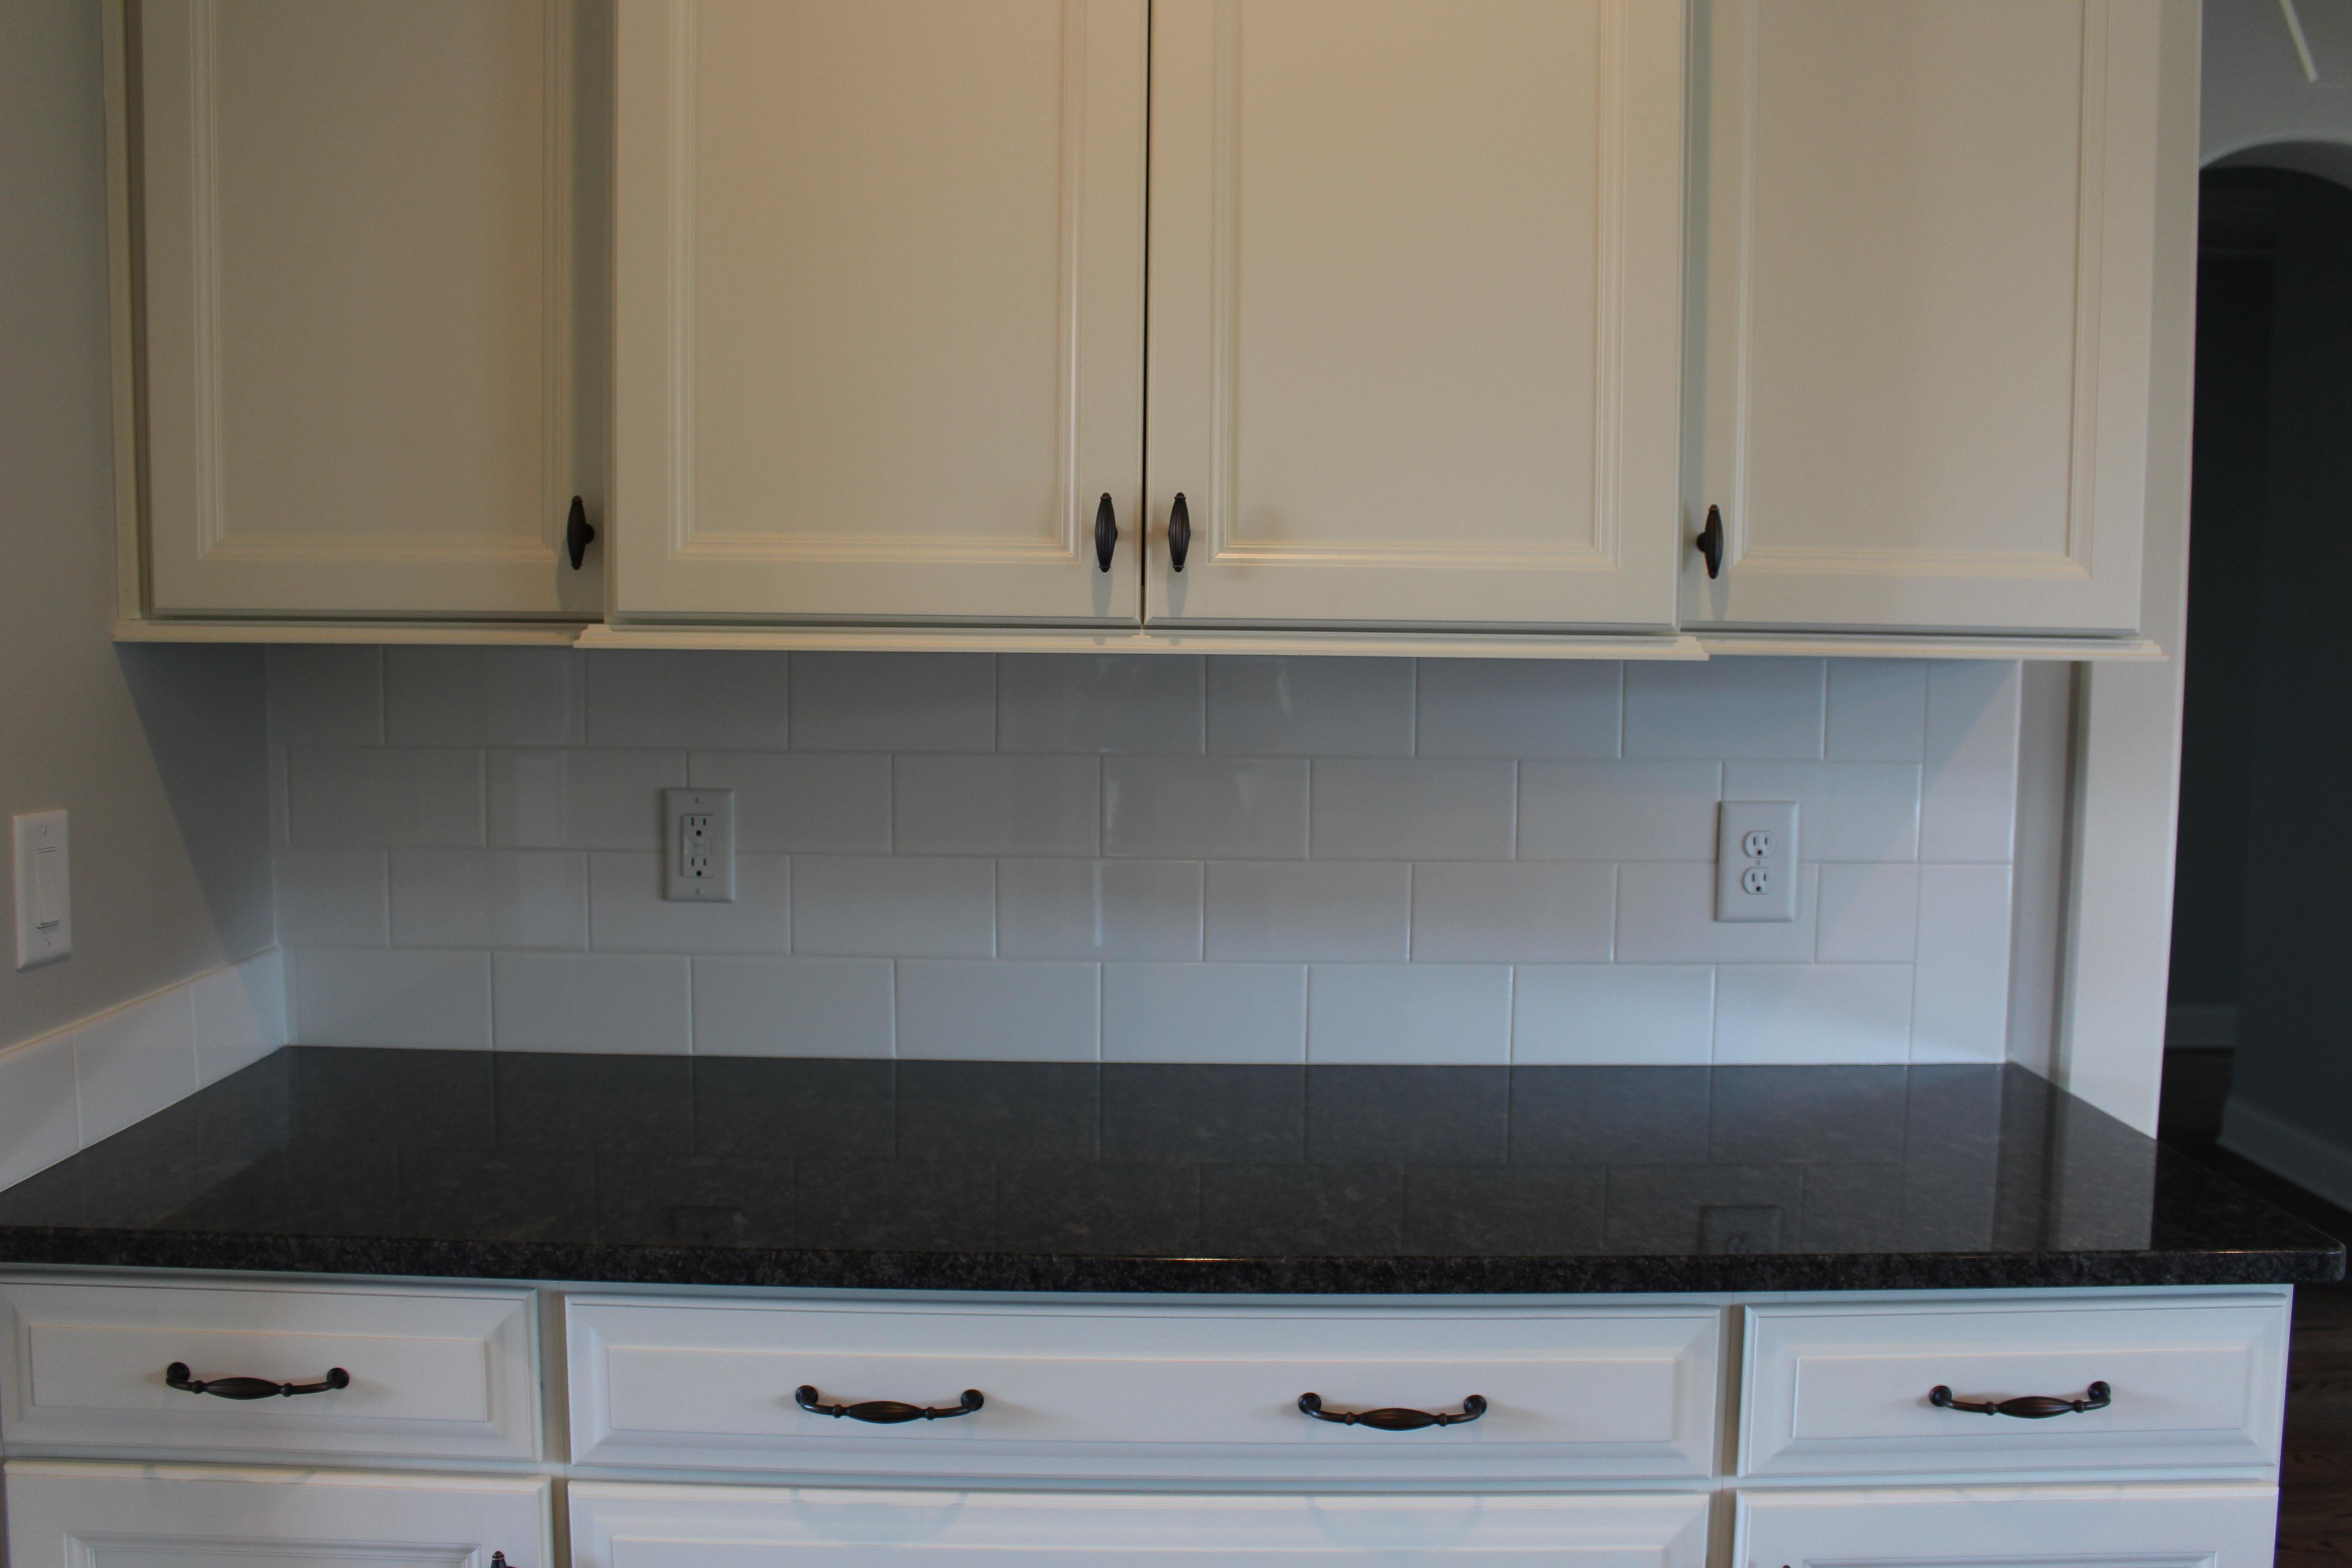 Lot 295 AR kitchen backsplash2